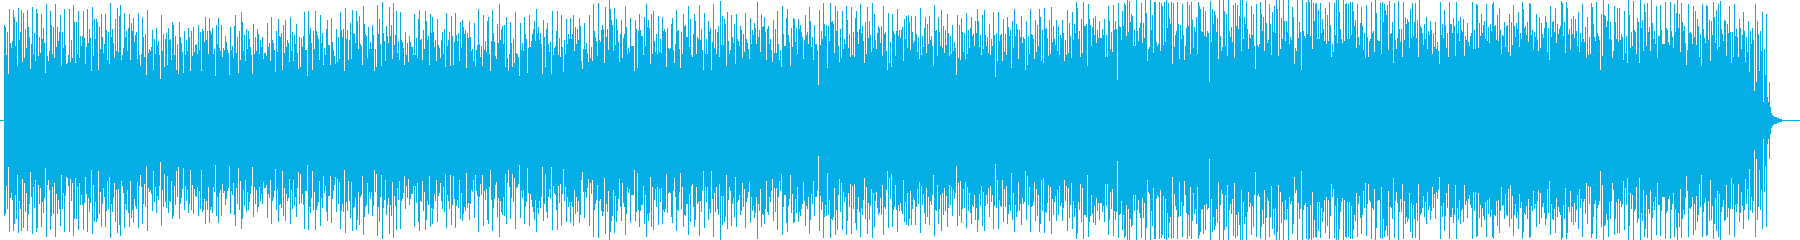 爽やかで落ち着きのあるエレクトロポップの再生済みの波形